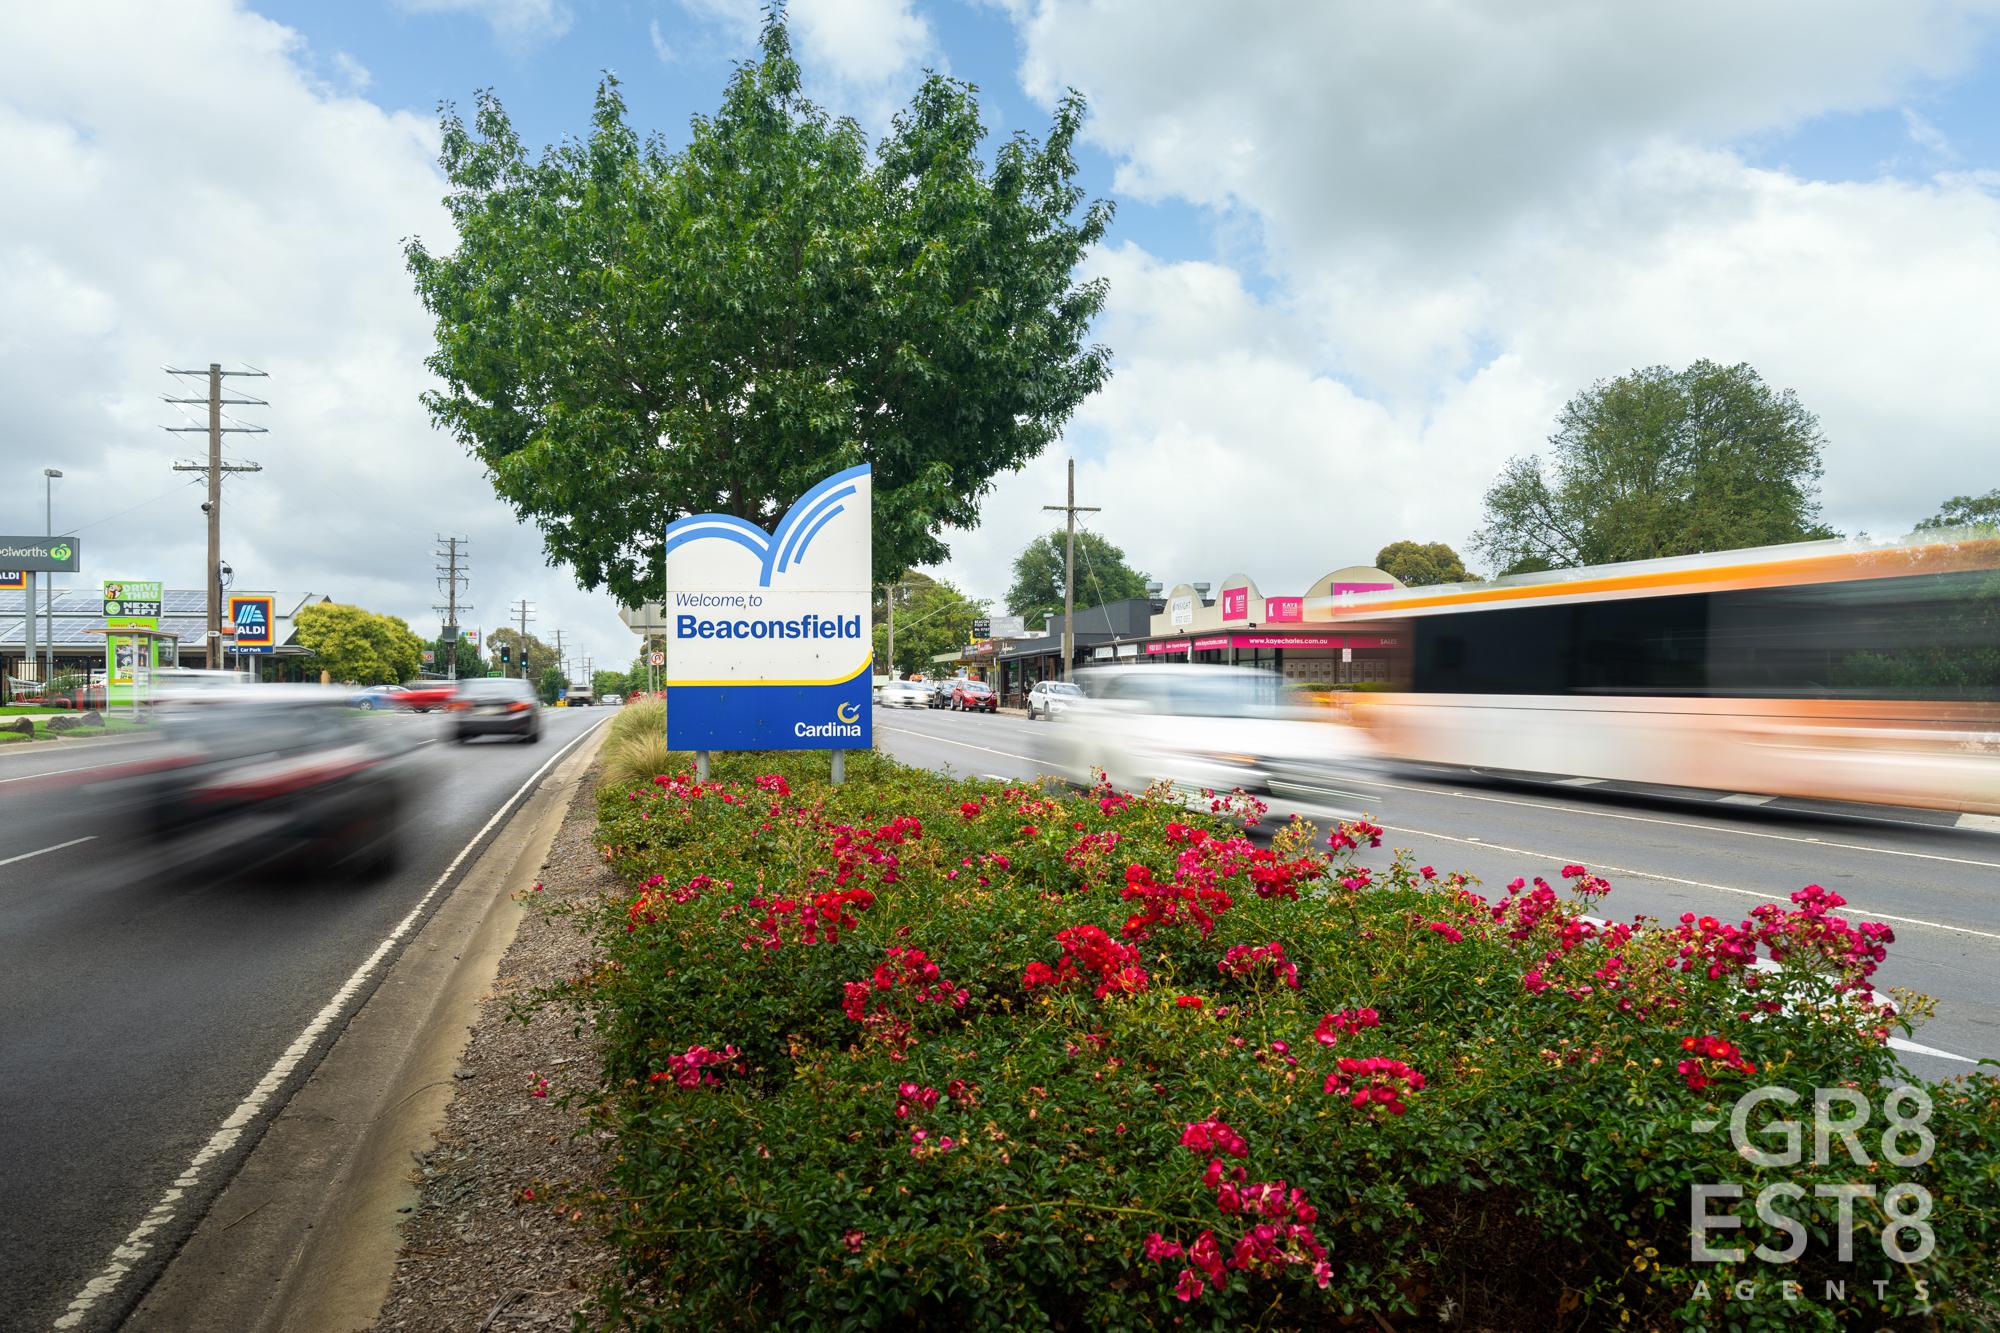 1 Wattle View Drive (Beaconsfield - Wattle Estate), Beaconsfield